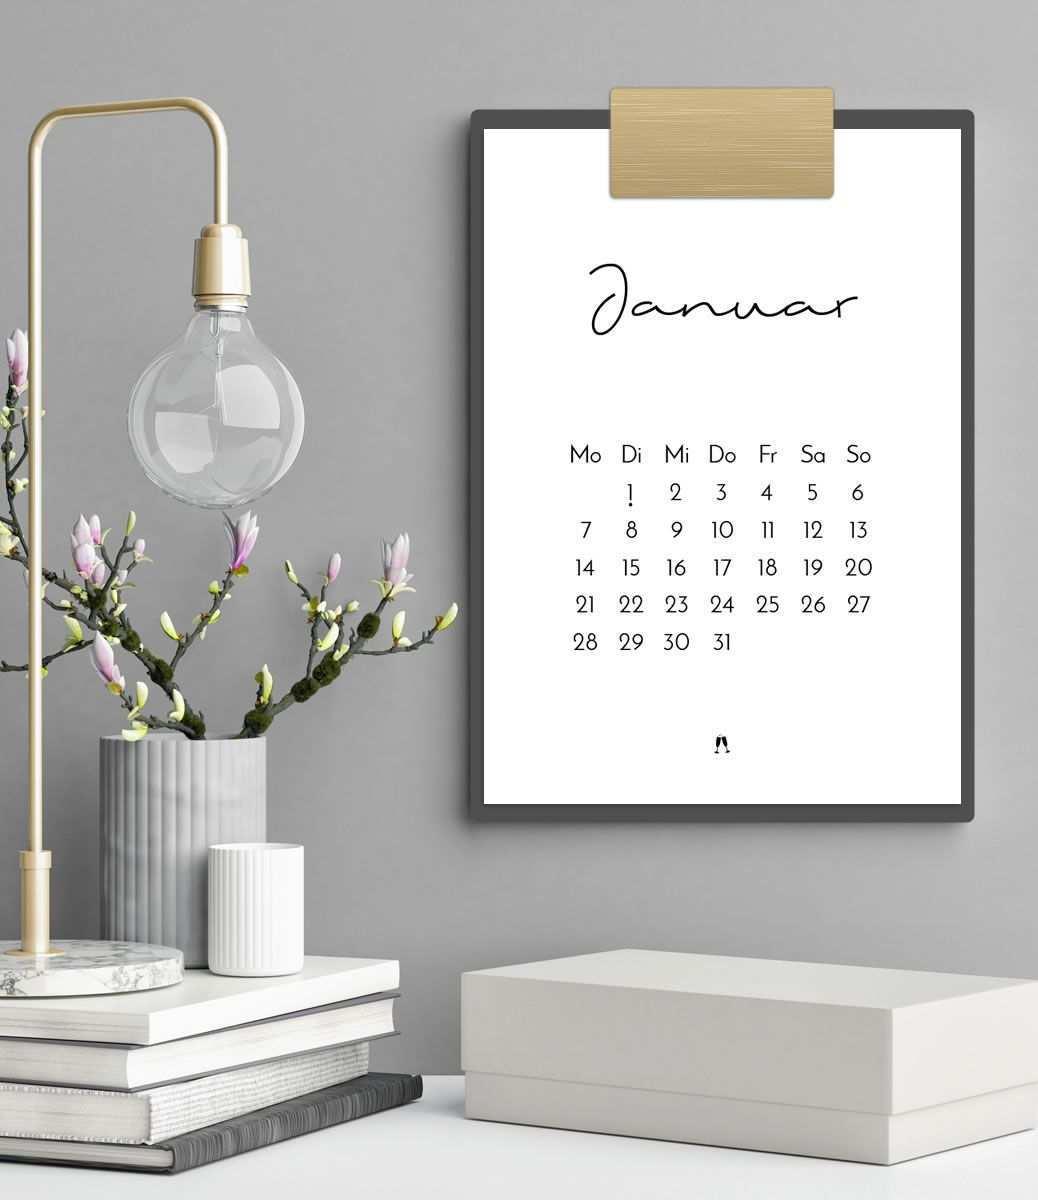 Minimalistischer Kalender 2019 Mit Feiertagen Fur Mehr Plan Und Stylische Akzente An Deinem Arbeitsplatz Oder Kalender Kalender Zum Ausdrucken Druckvorlagen